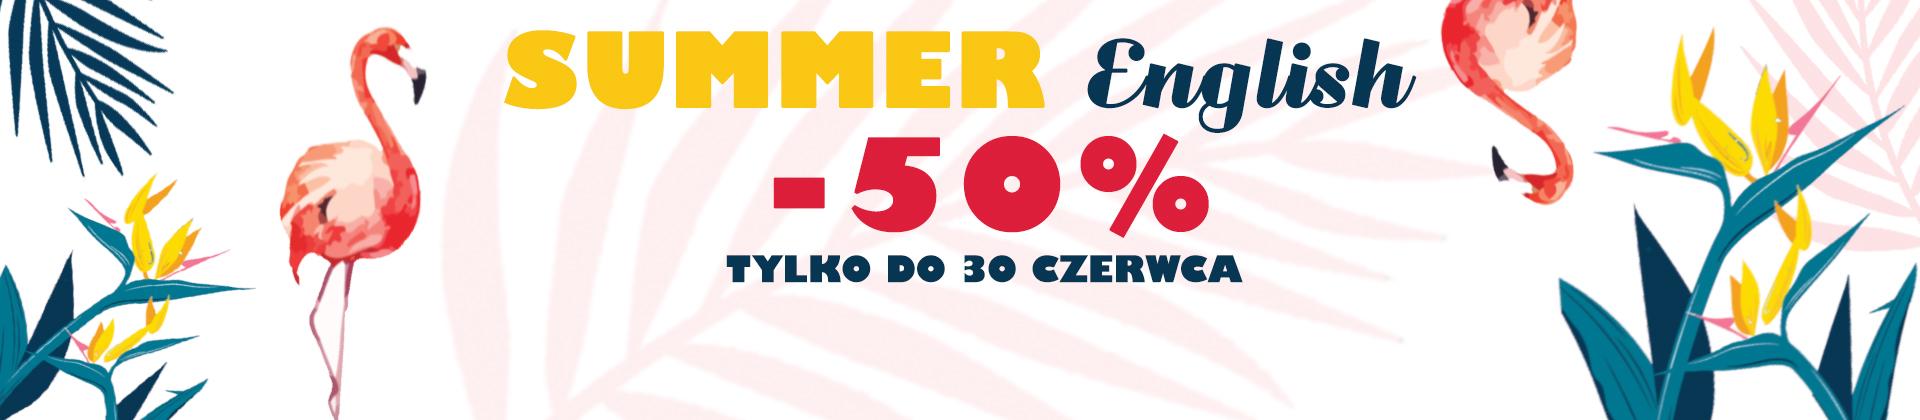 kursy wakacyjne -50%